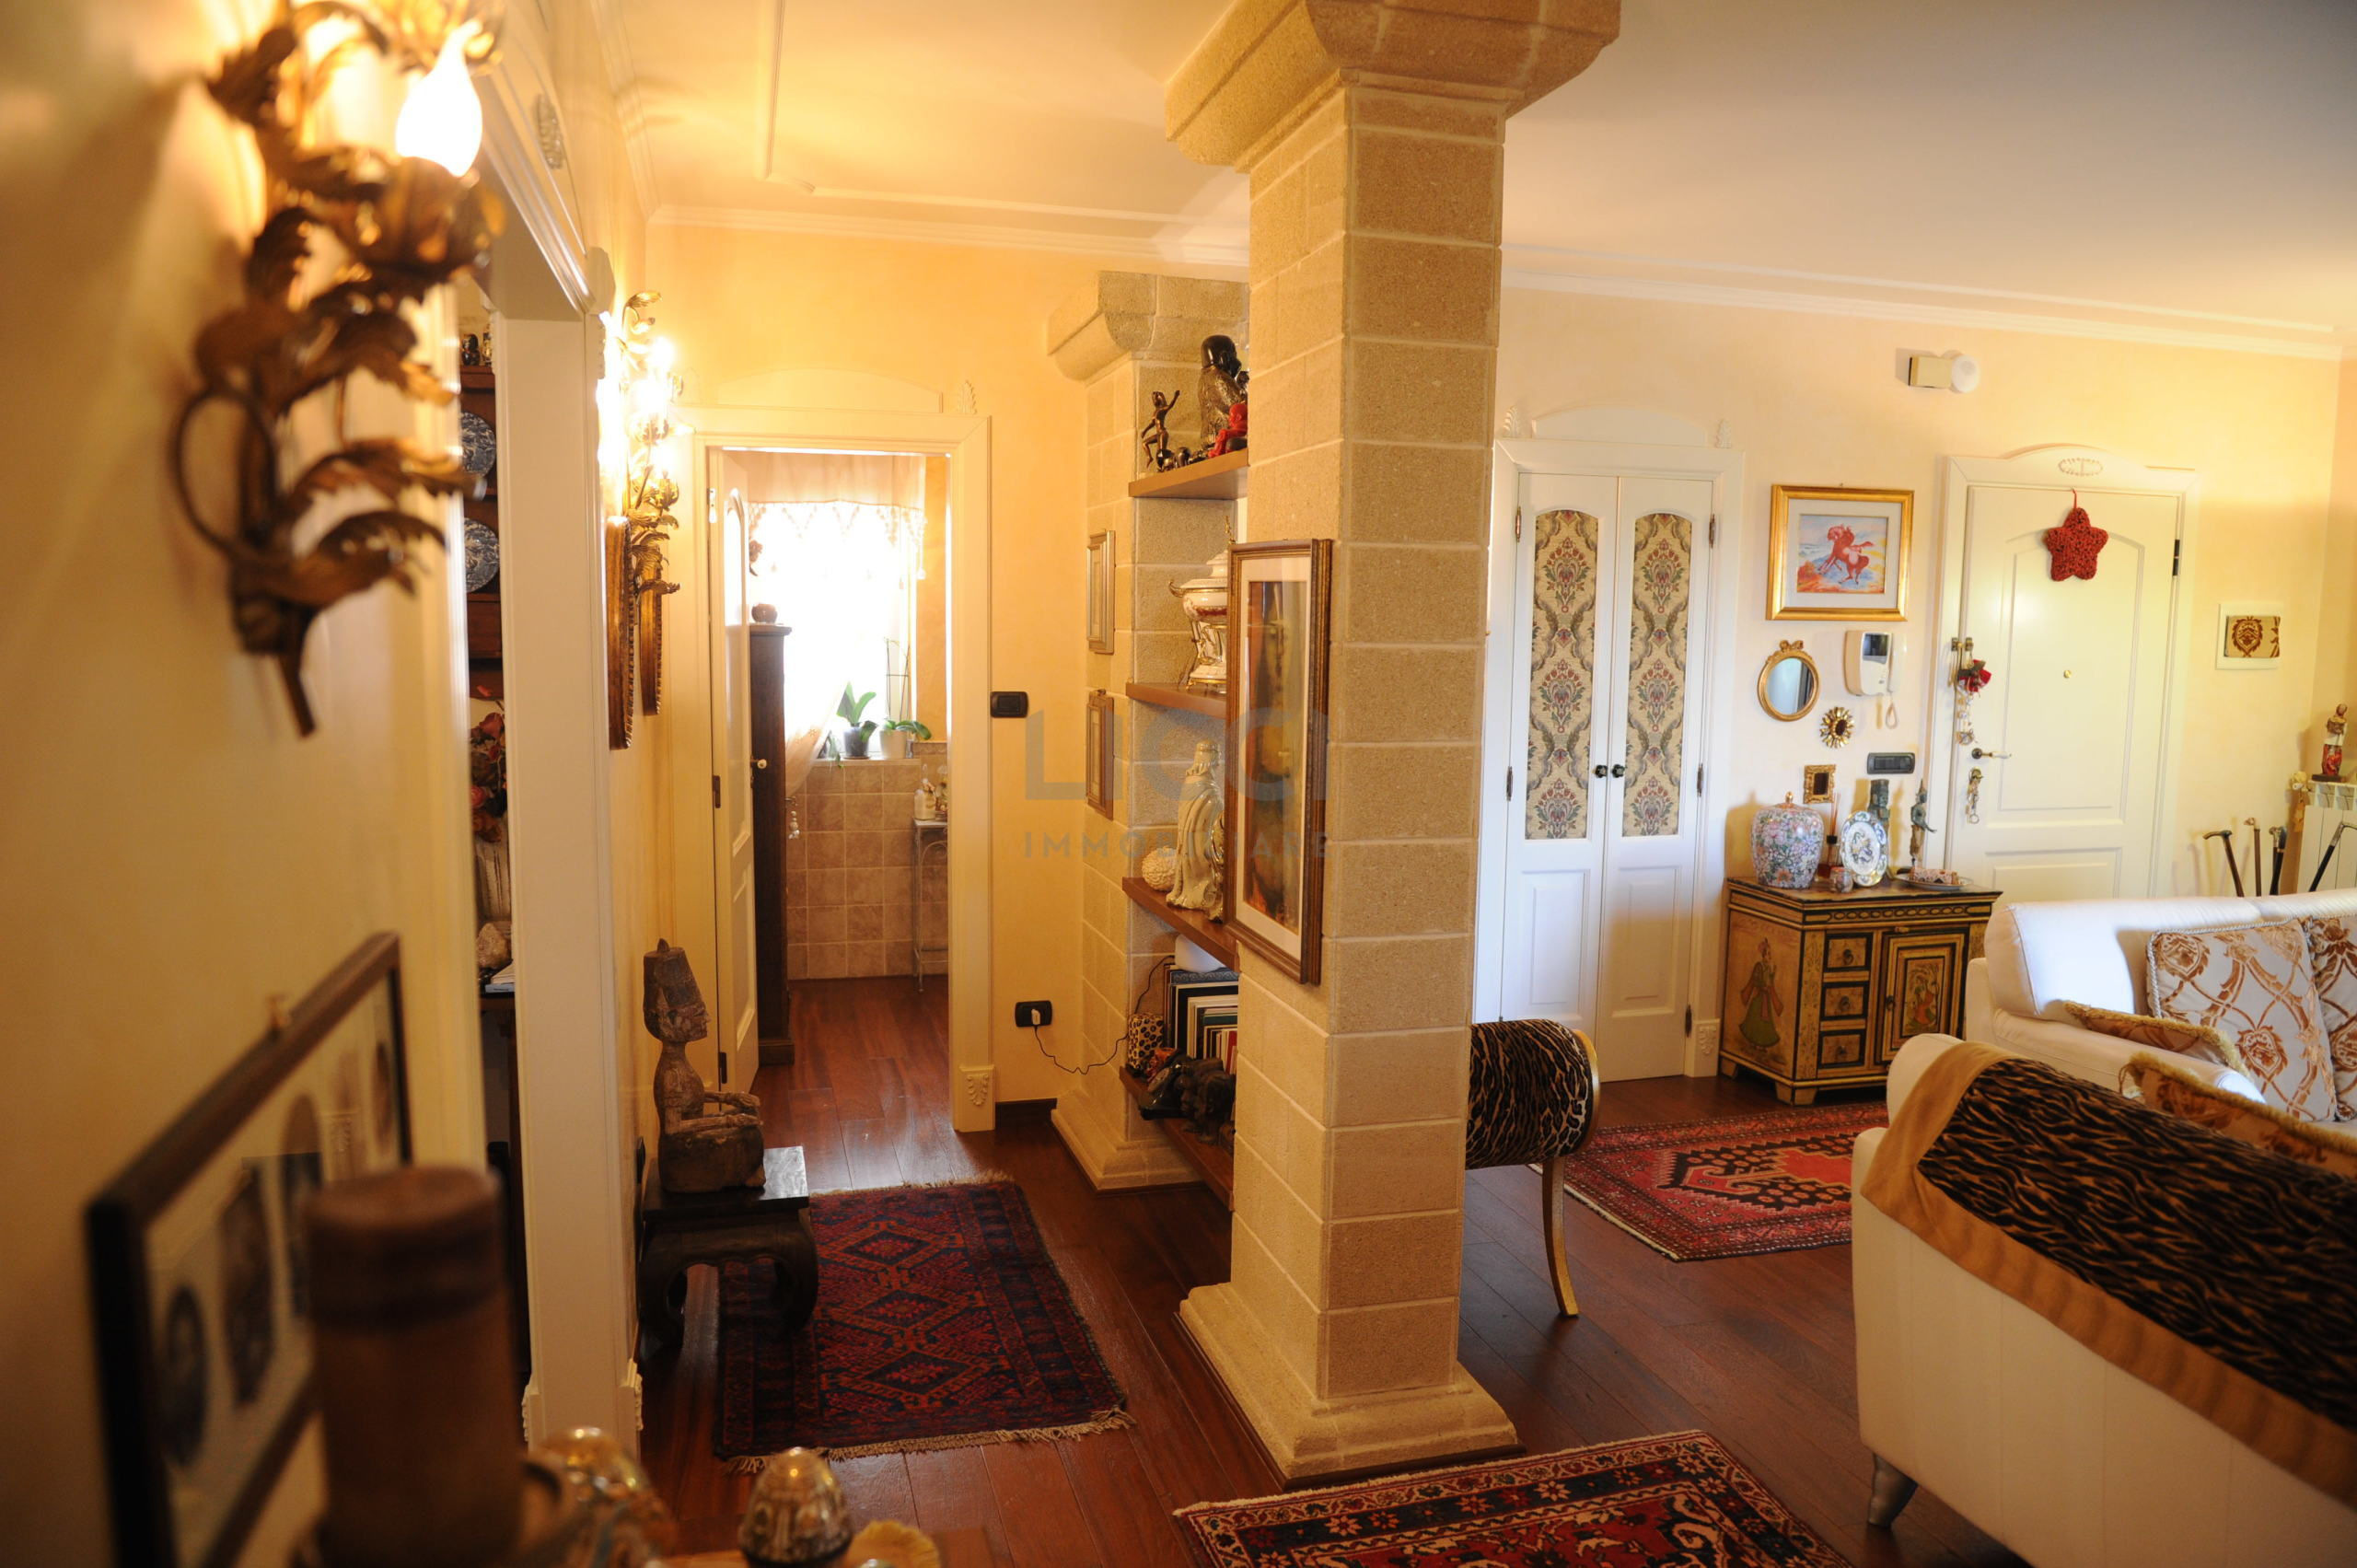 Appartamento a Monopoli Via Monsignore Carlo Ferrari 14, Periferia